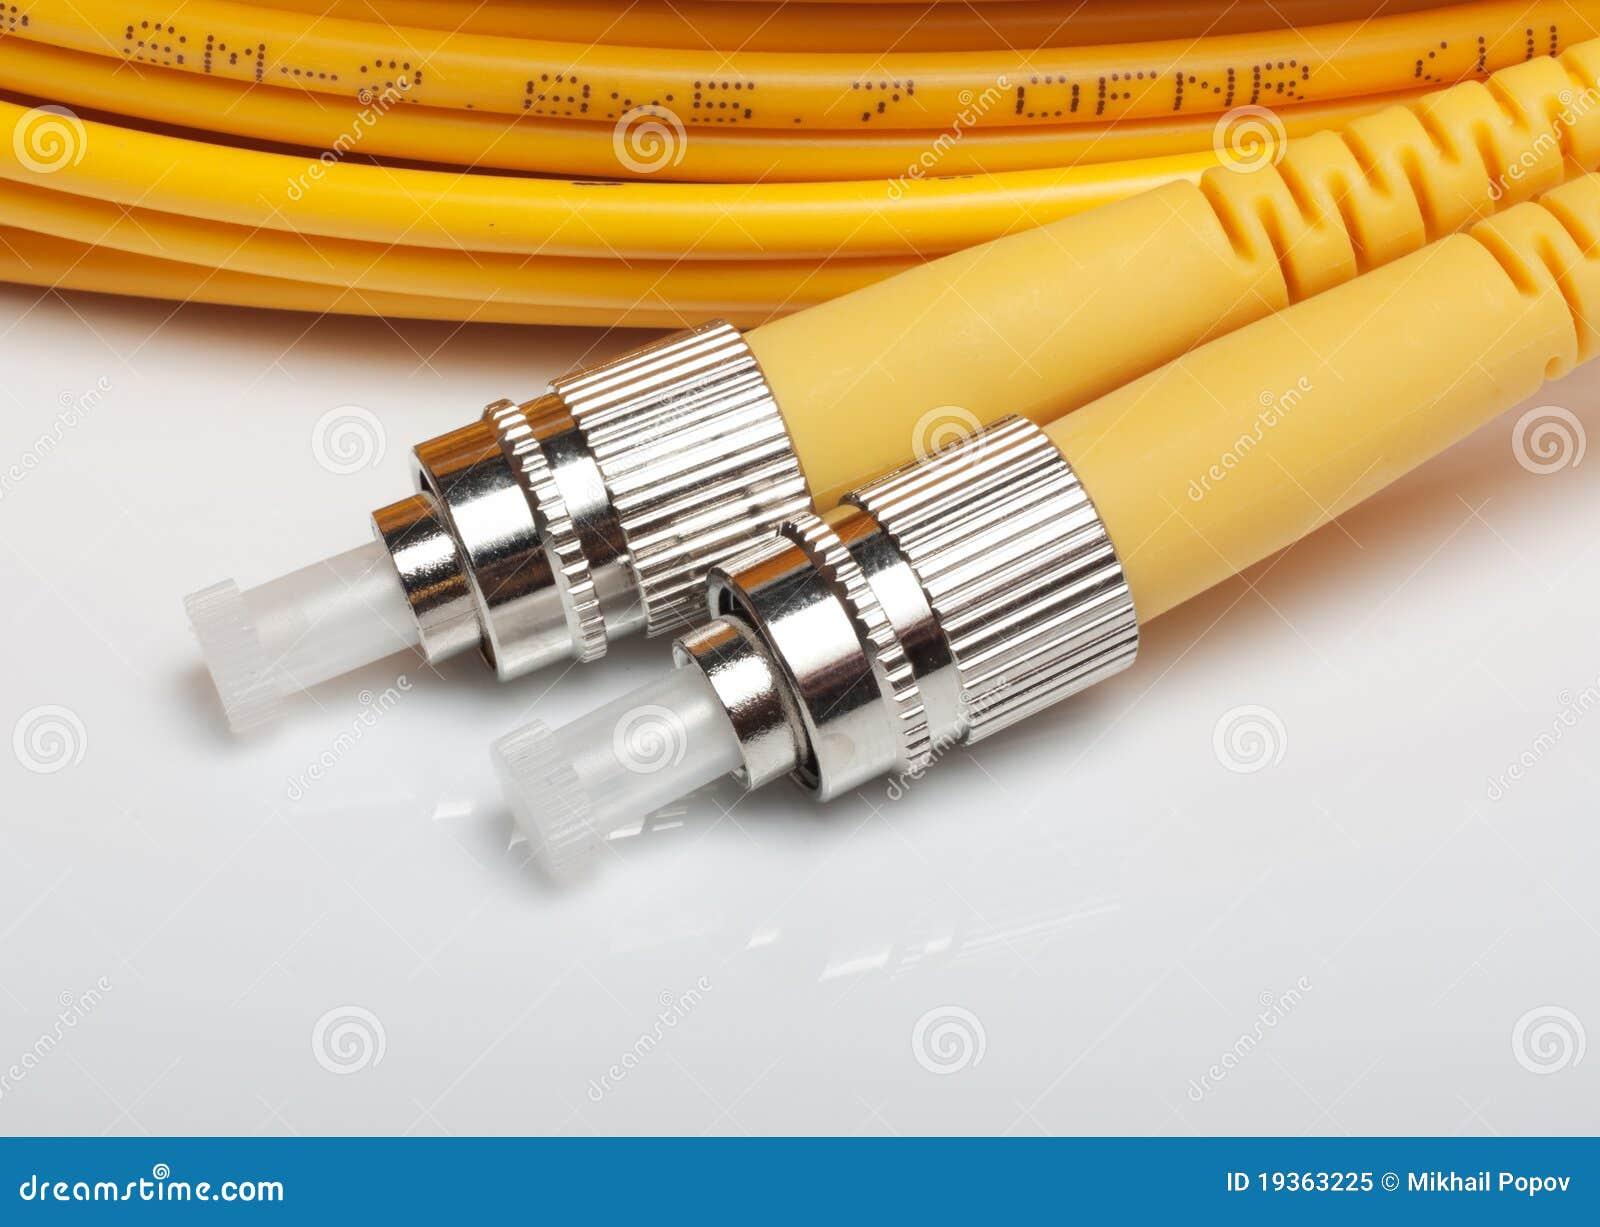 Cabos de correcção de programa torcidos da fibra óptica.